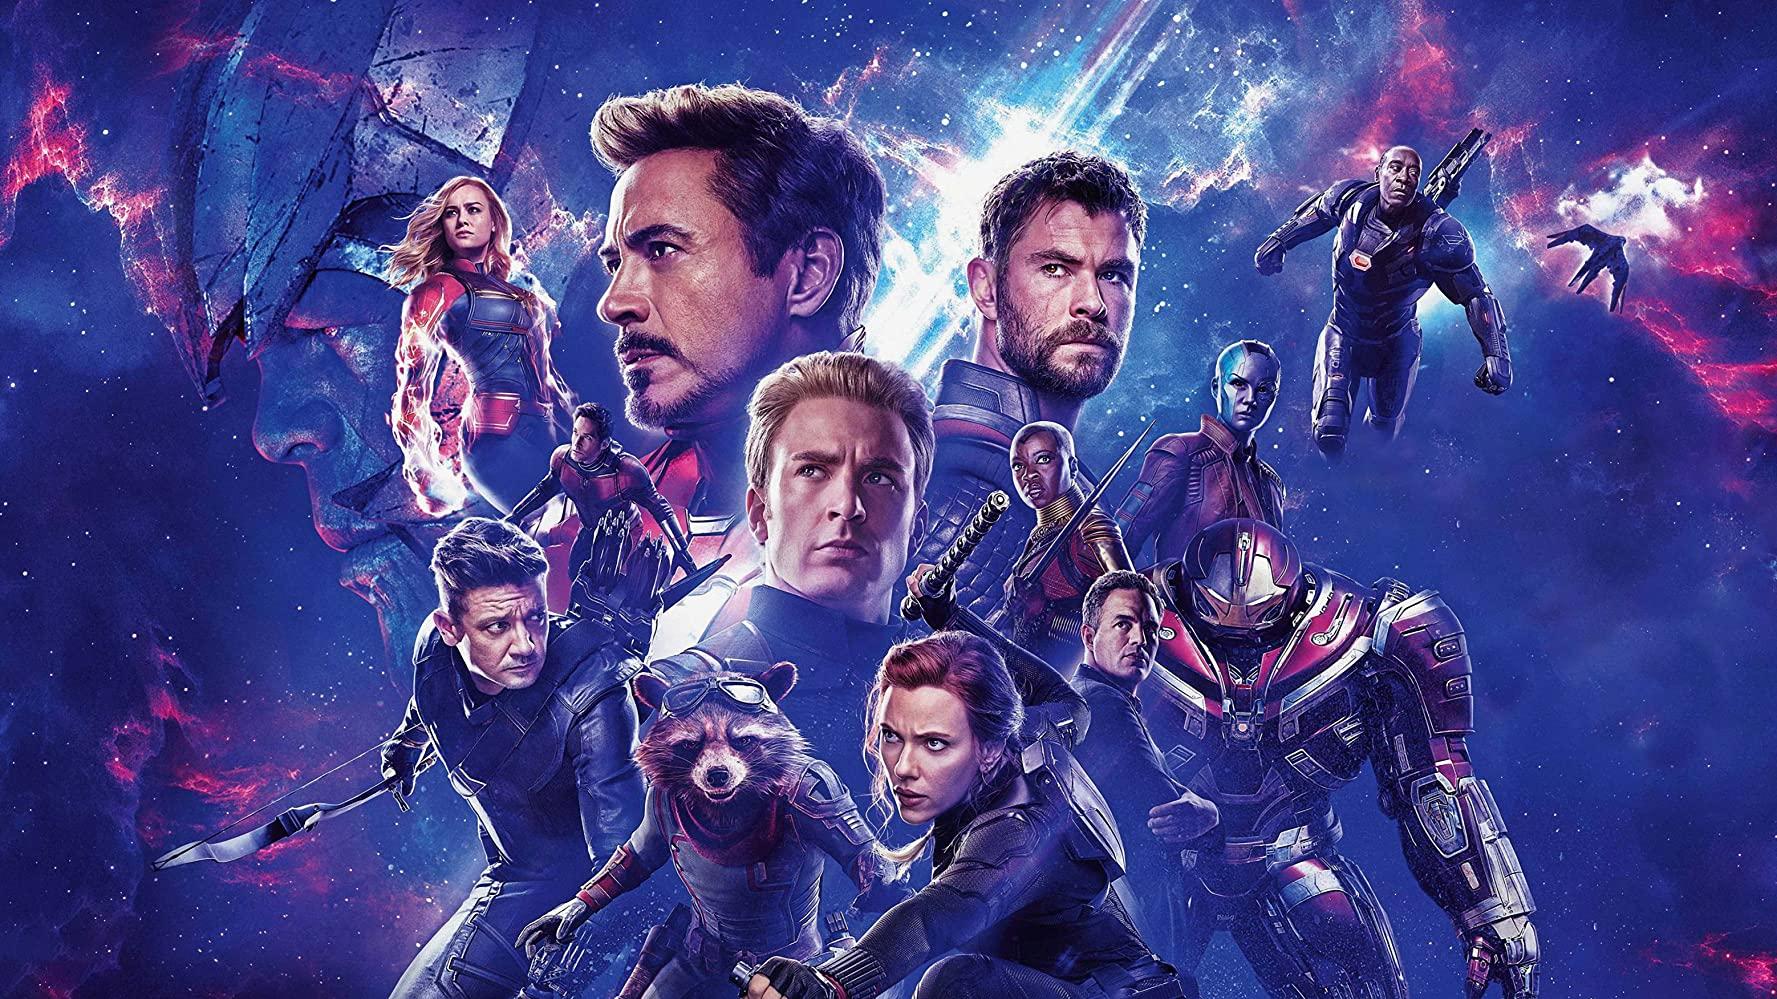 Avengers Endgame Marvel 2019